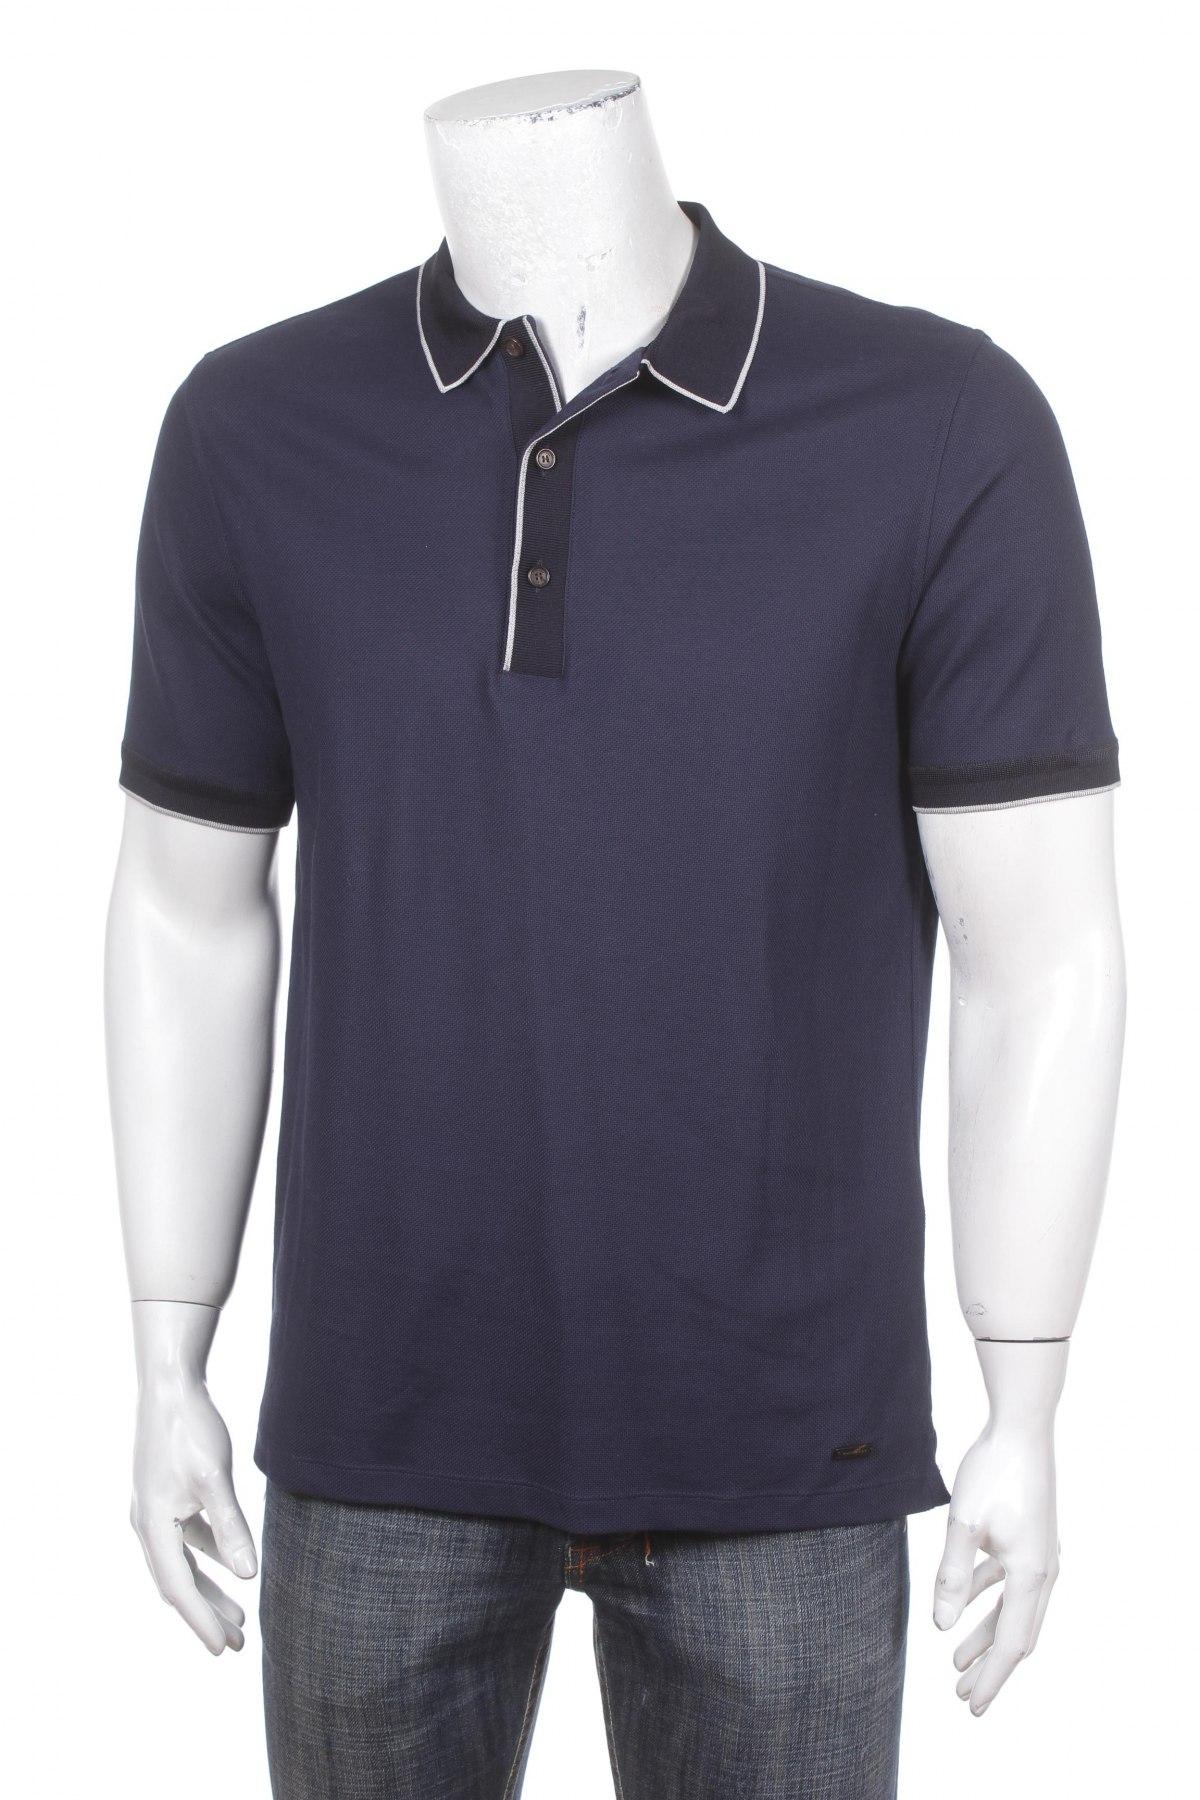 bab1b20f2 Męski T-shirt Burberry - kup w korzystnych cenach na Remix - #7276887